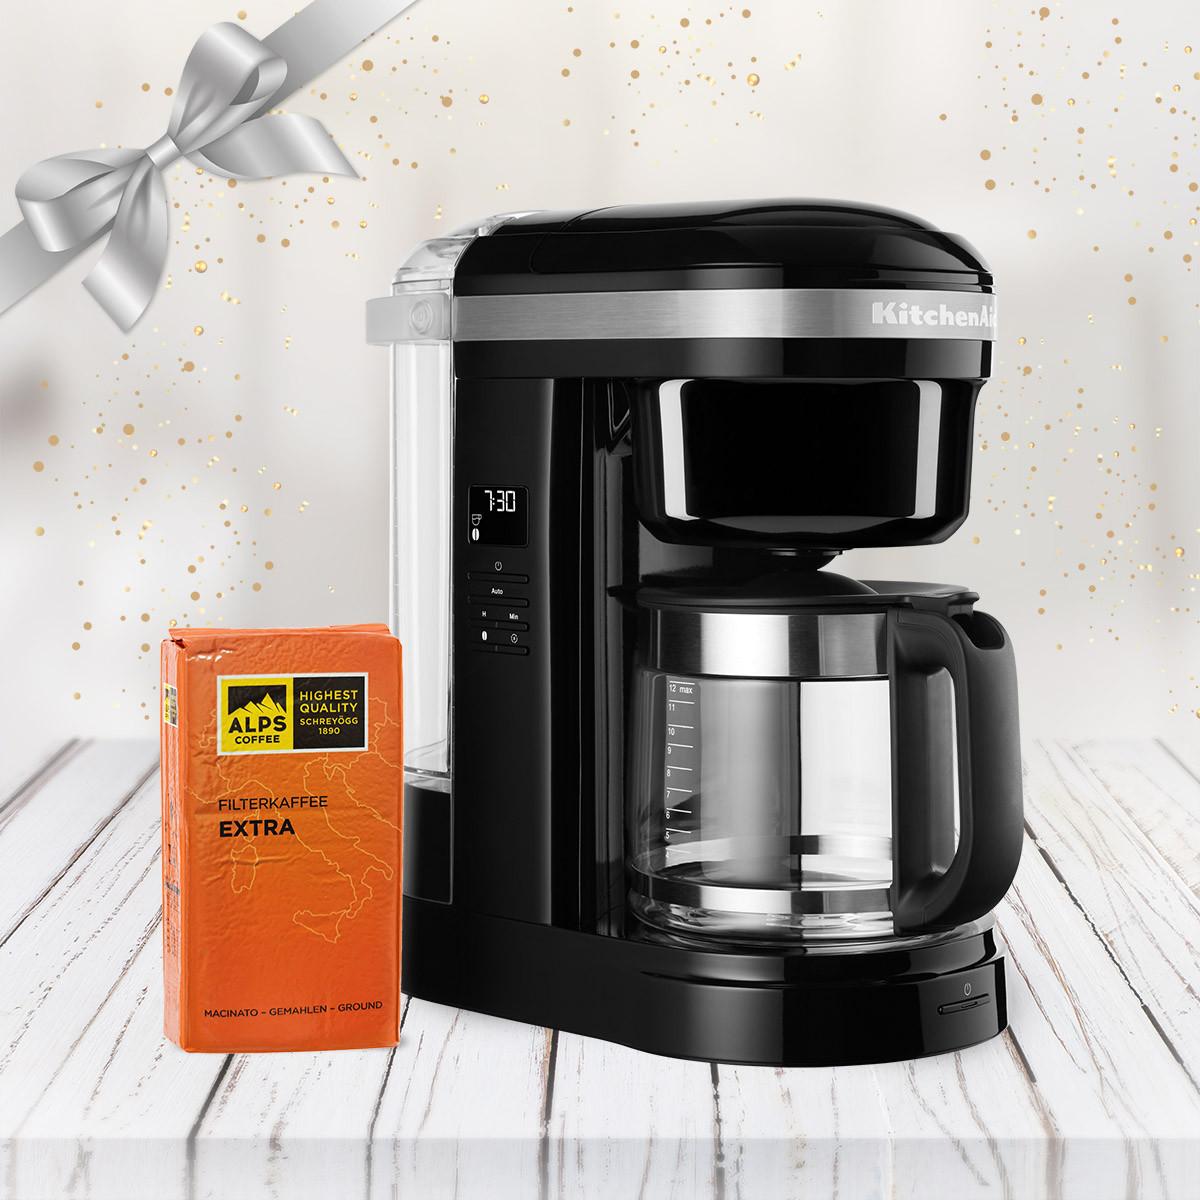 KitchenAid Kaffeemaschine 1,7 DRIP 5KCM12xxEOB mit 250g Kaffee Alps Extra